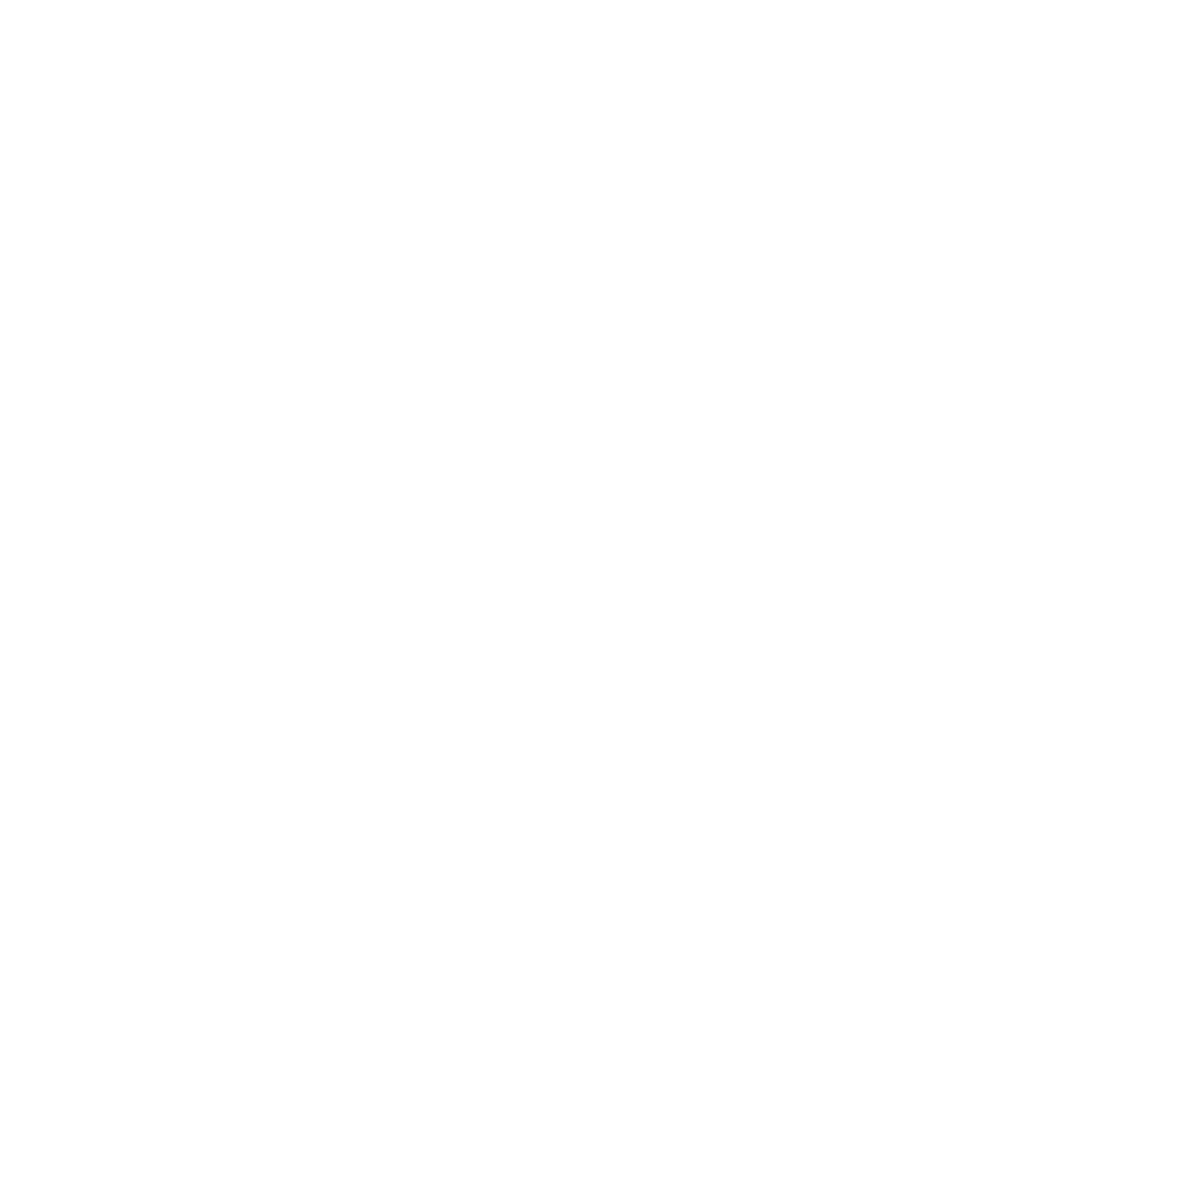 3951P Oz-is Premium Тесьма шторная многокарманная тканая 8 см*50 м (К=1:2, 5 карманов, корд-3 лески)